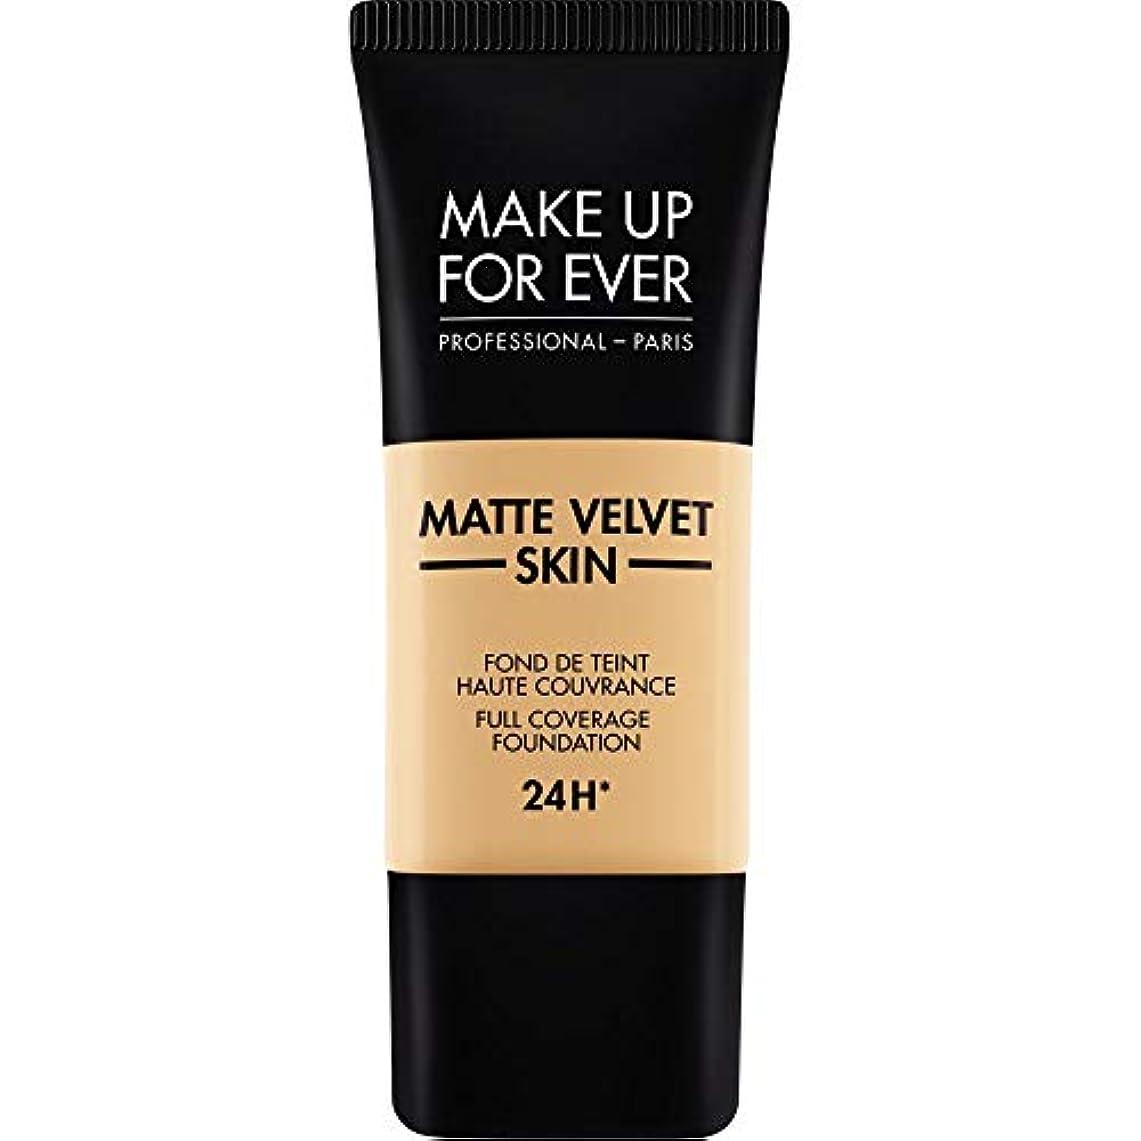 喜び早い抱擁[MAKE UP FOR EVER ] これまでマットベルベットの皮膚のフルカバレッジ基礎30ミリリットルのY255を補う - サンドベージュ - MAKE UP FOR EVER Matte Velvet Skin Full...